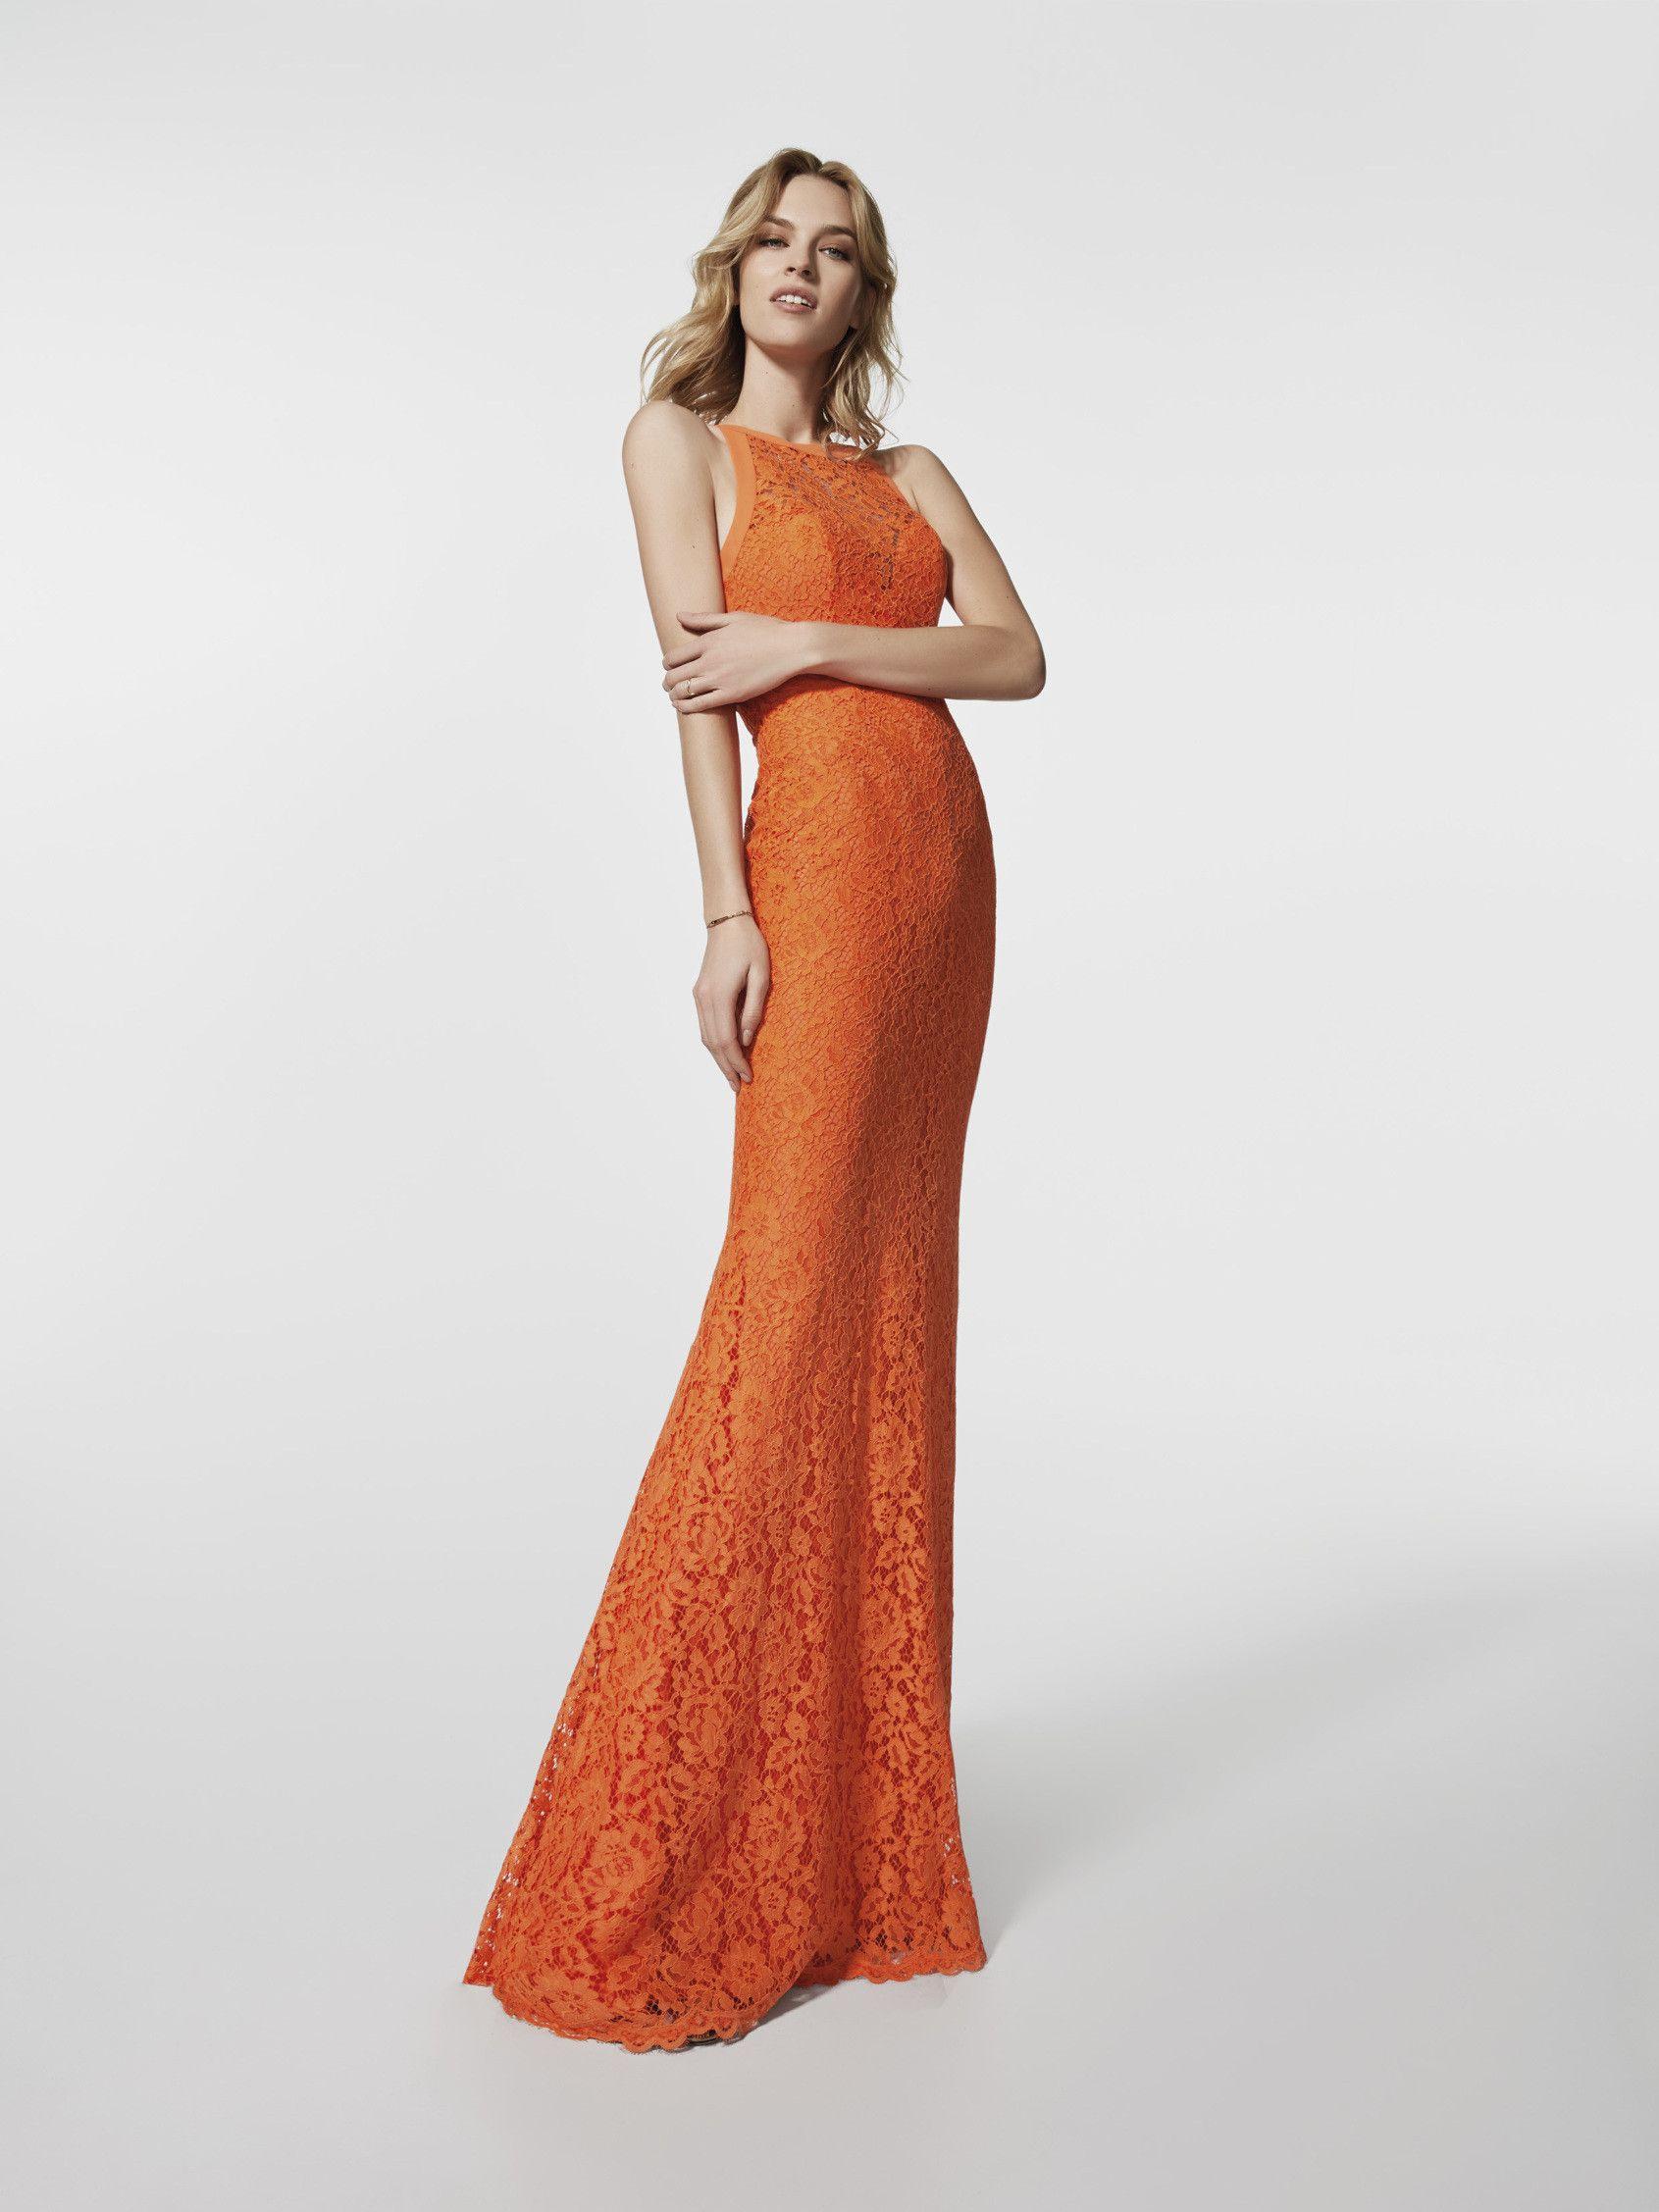 20 Fantastisch Abendkleid Orange Galerie20 Schön Abendkleid Orange Bester Preis